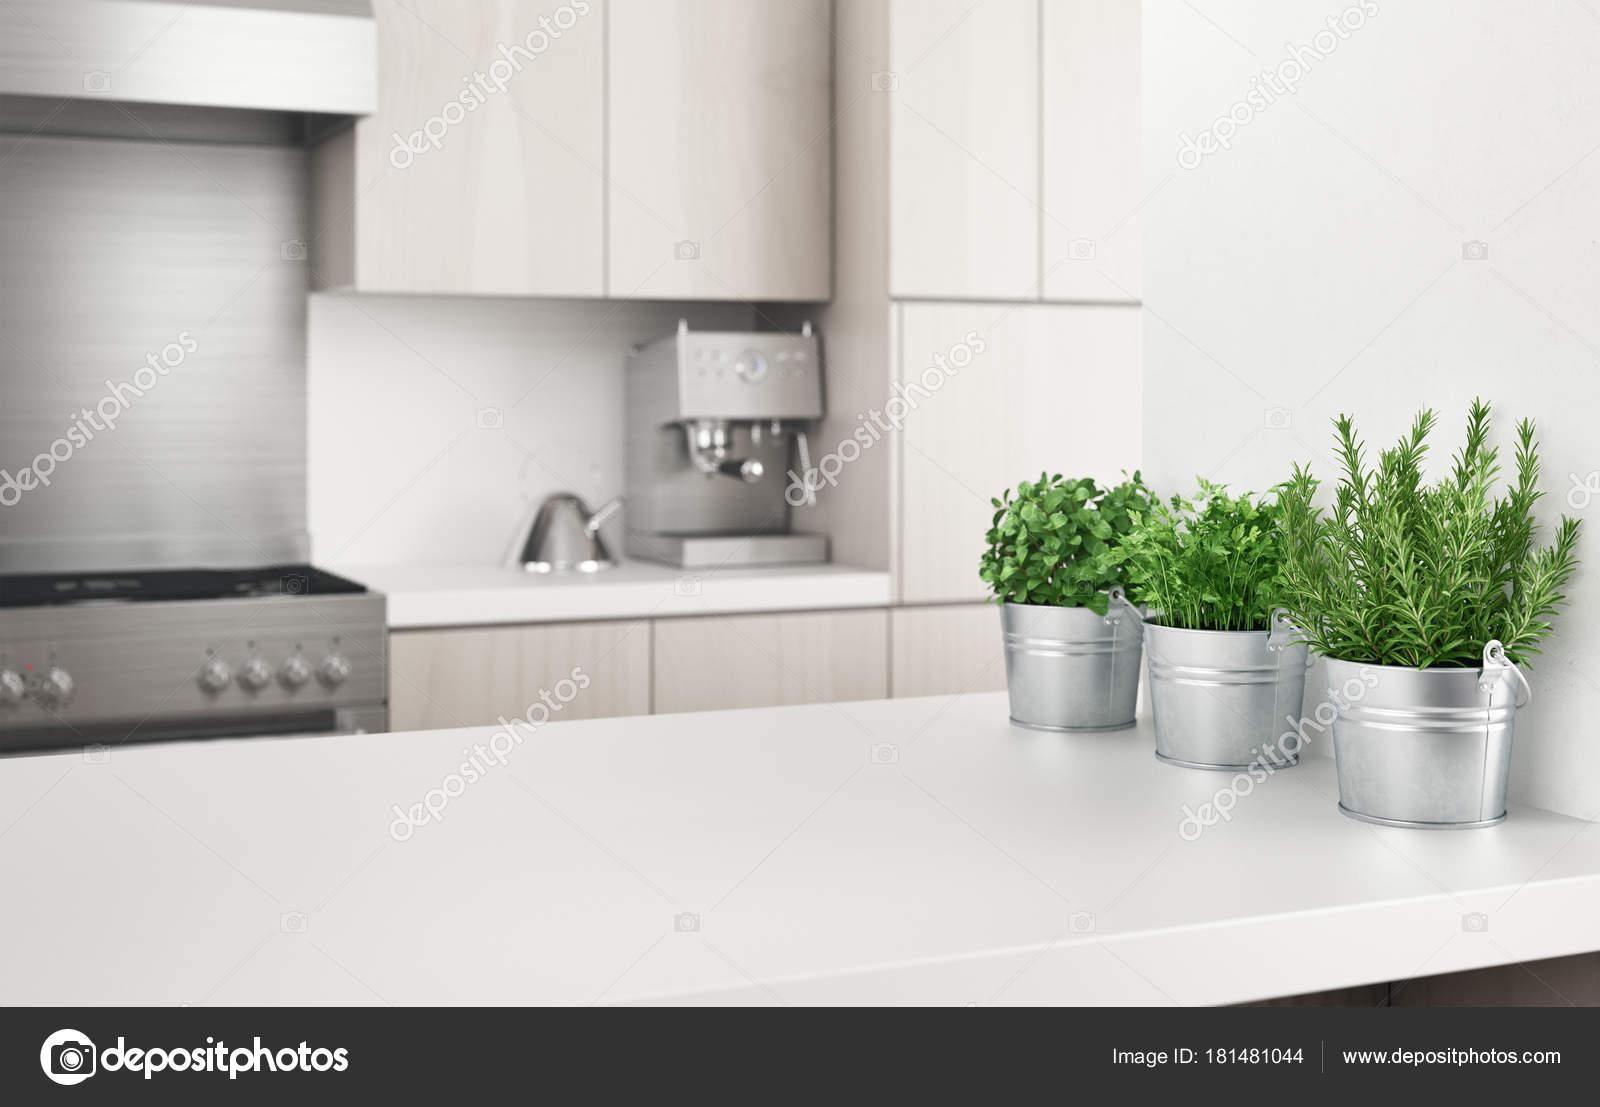 Cucina Moderna Con Piante Aromatiche Illustrazione Rendering — Foto ...